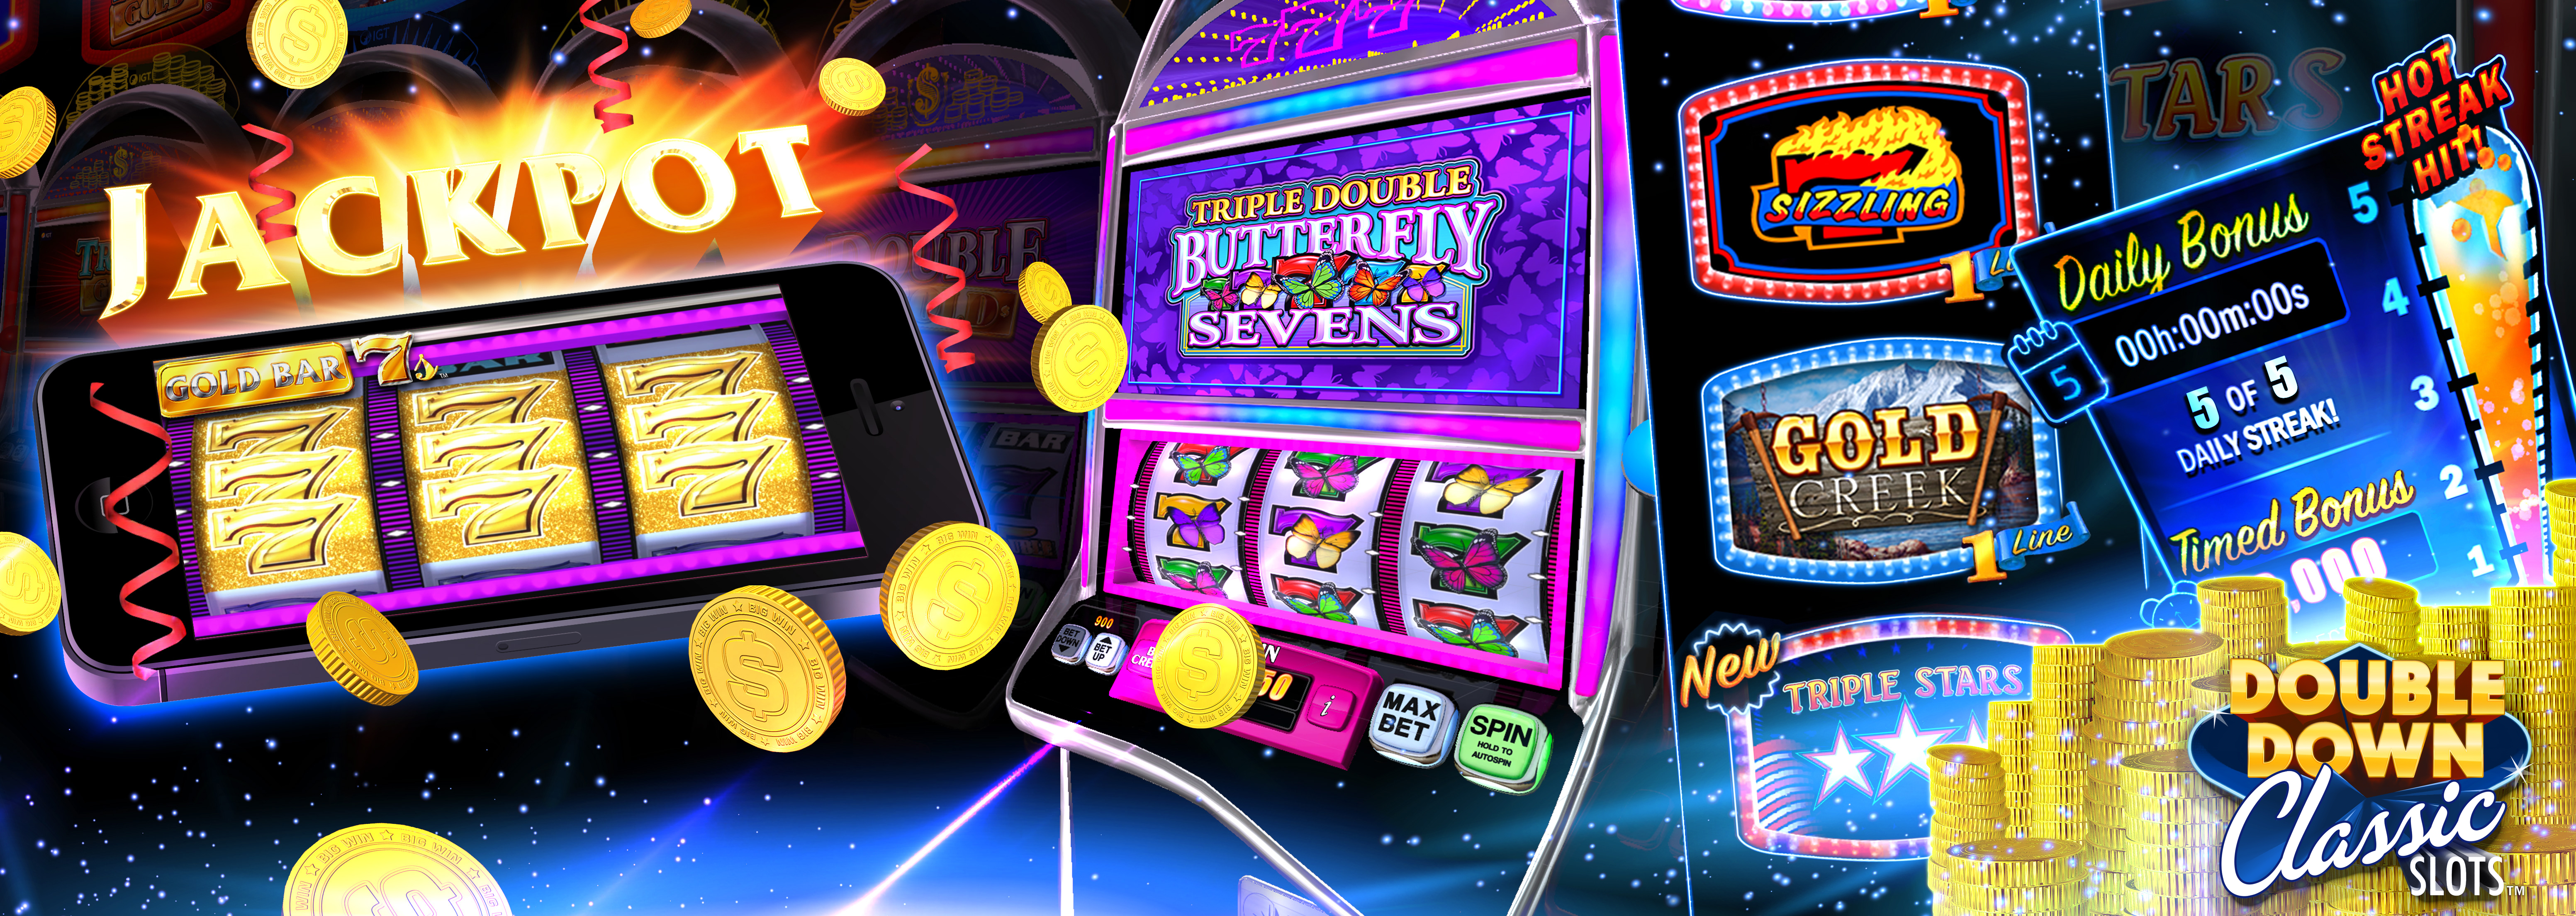 Doubledown Classic Slots